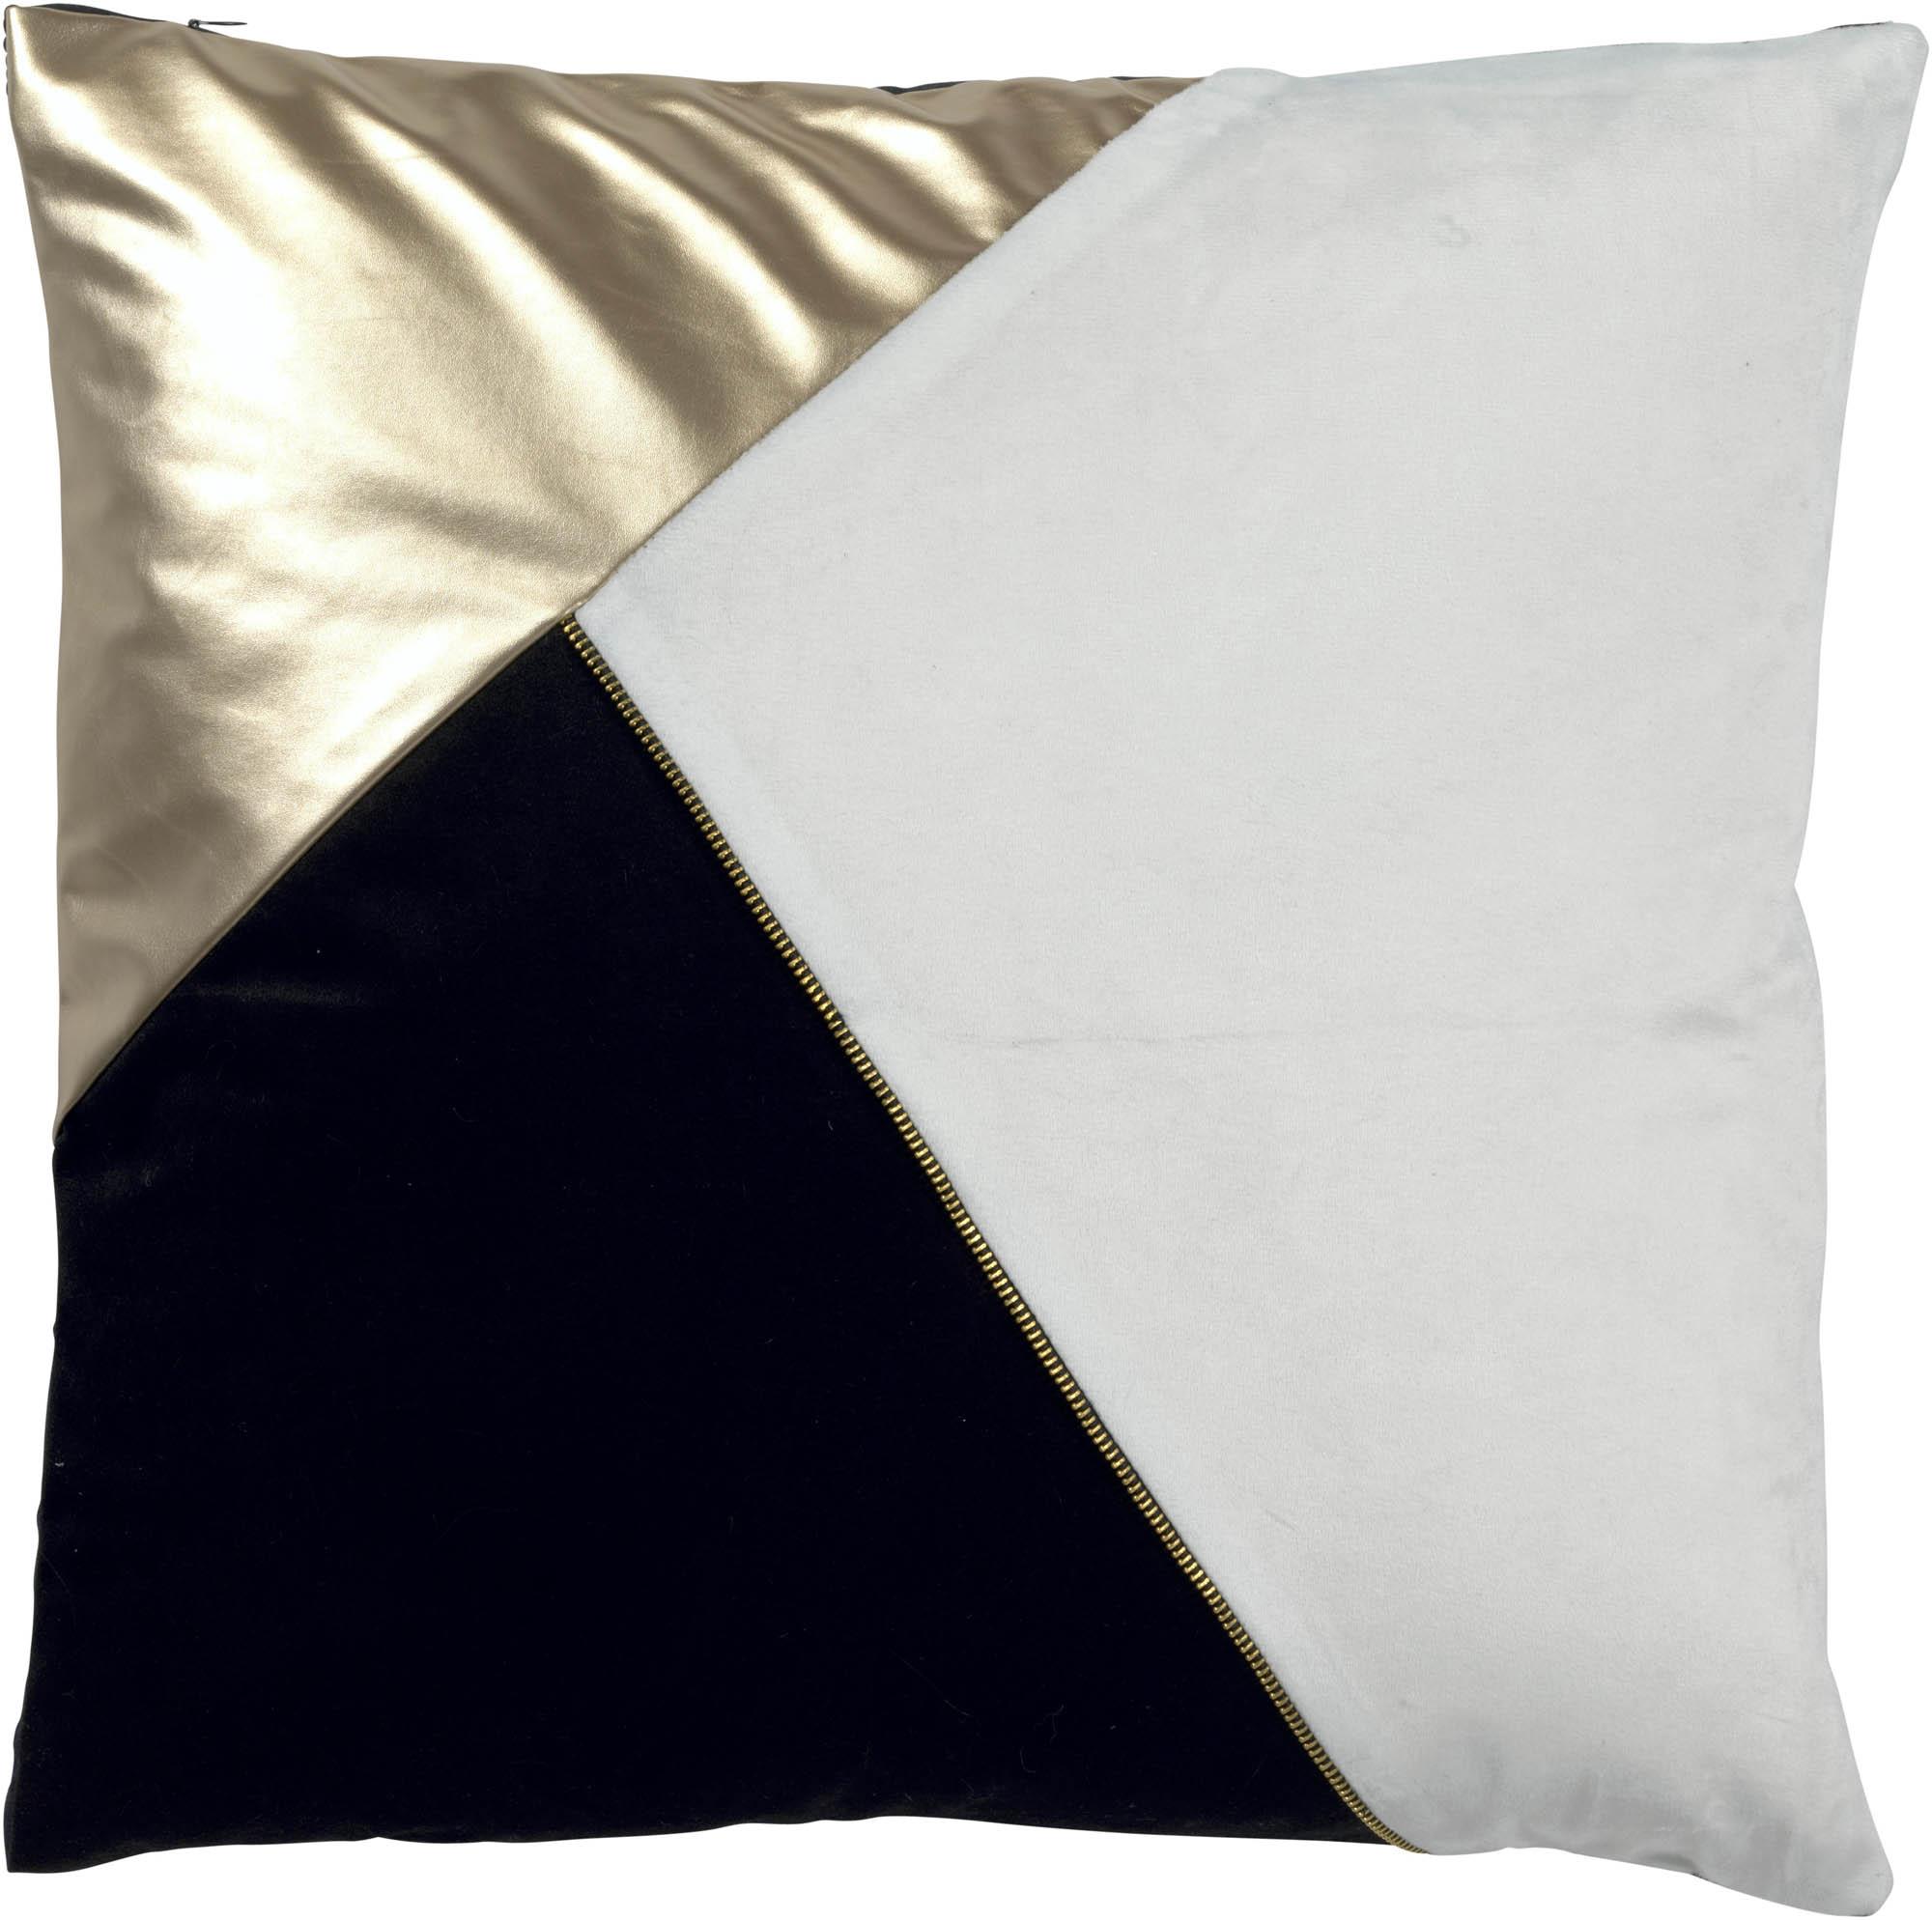 WENDY - Sierkussen zwart wit goud 50x50 cm